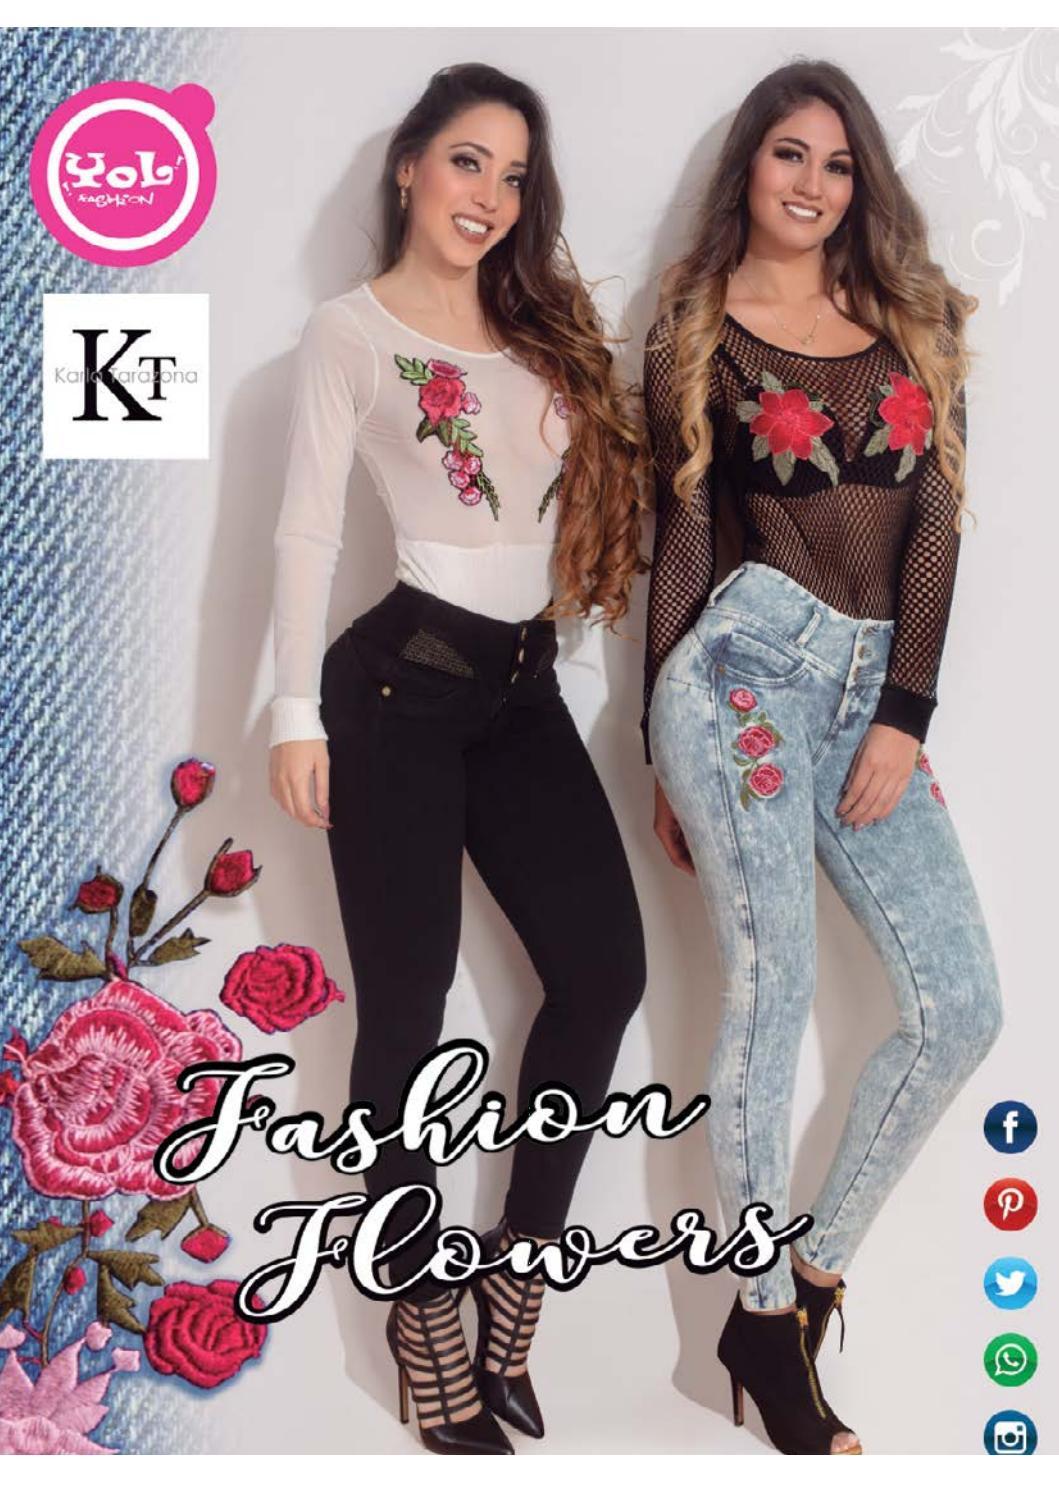 FASHION FLOWER CATALOGO by Yol Fashion - issuu